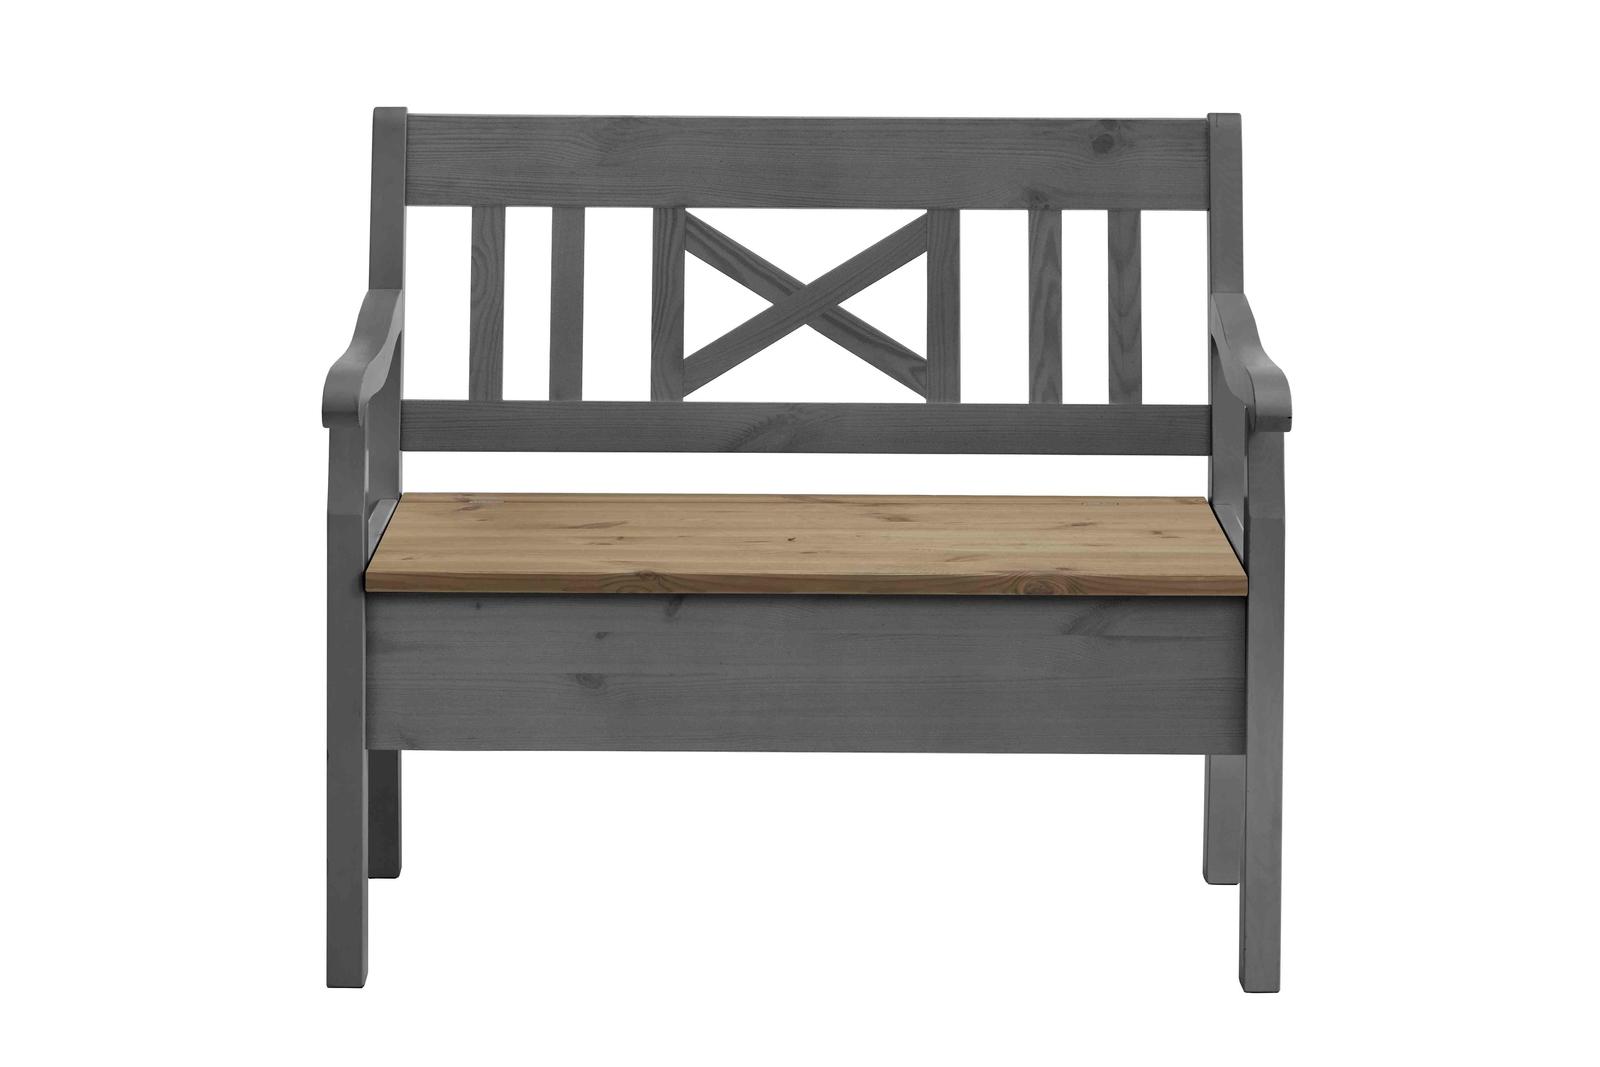 Sitzbank Fjord 105 cm mit Armlehnen, Bild 8